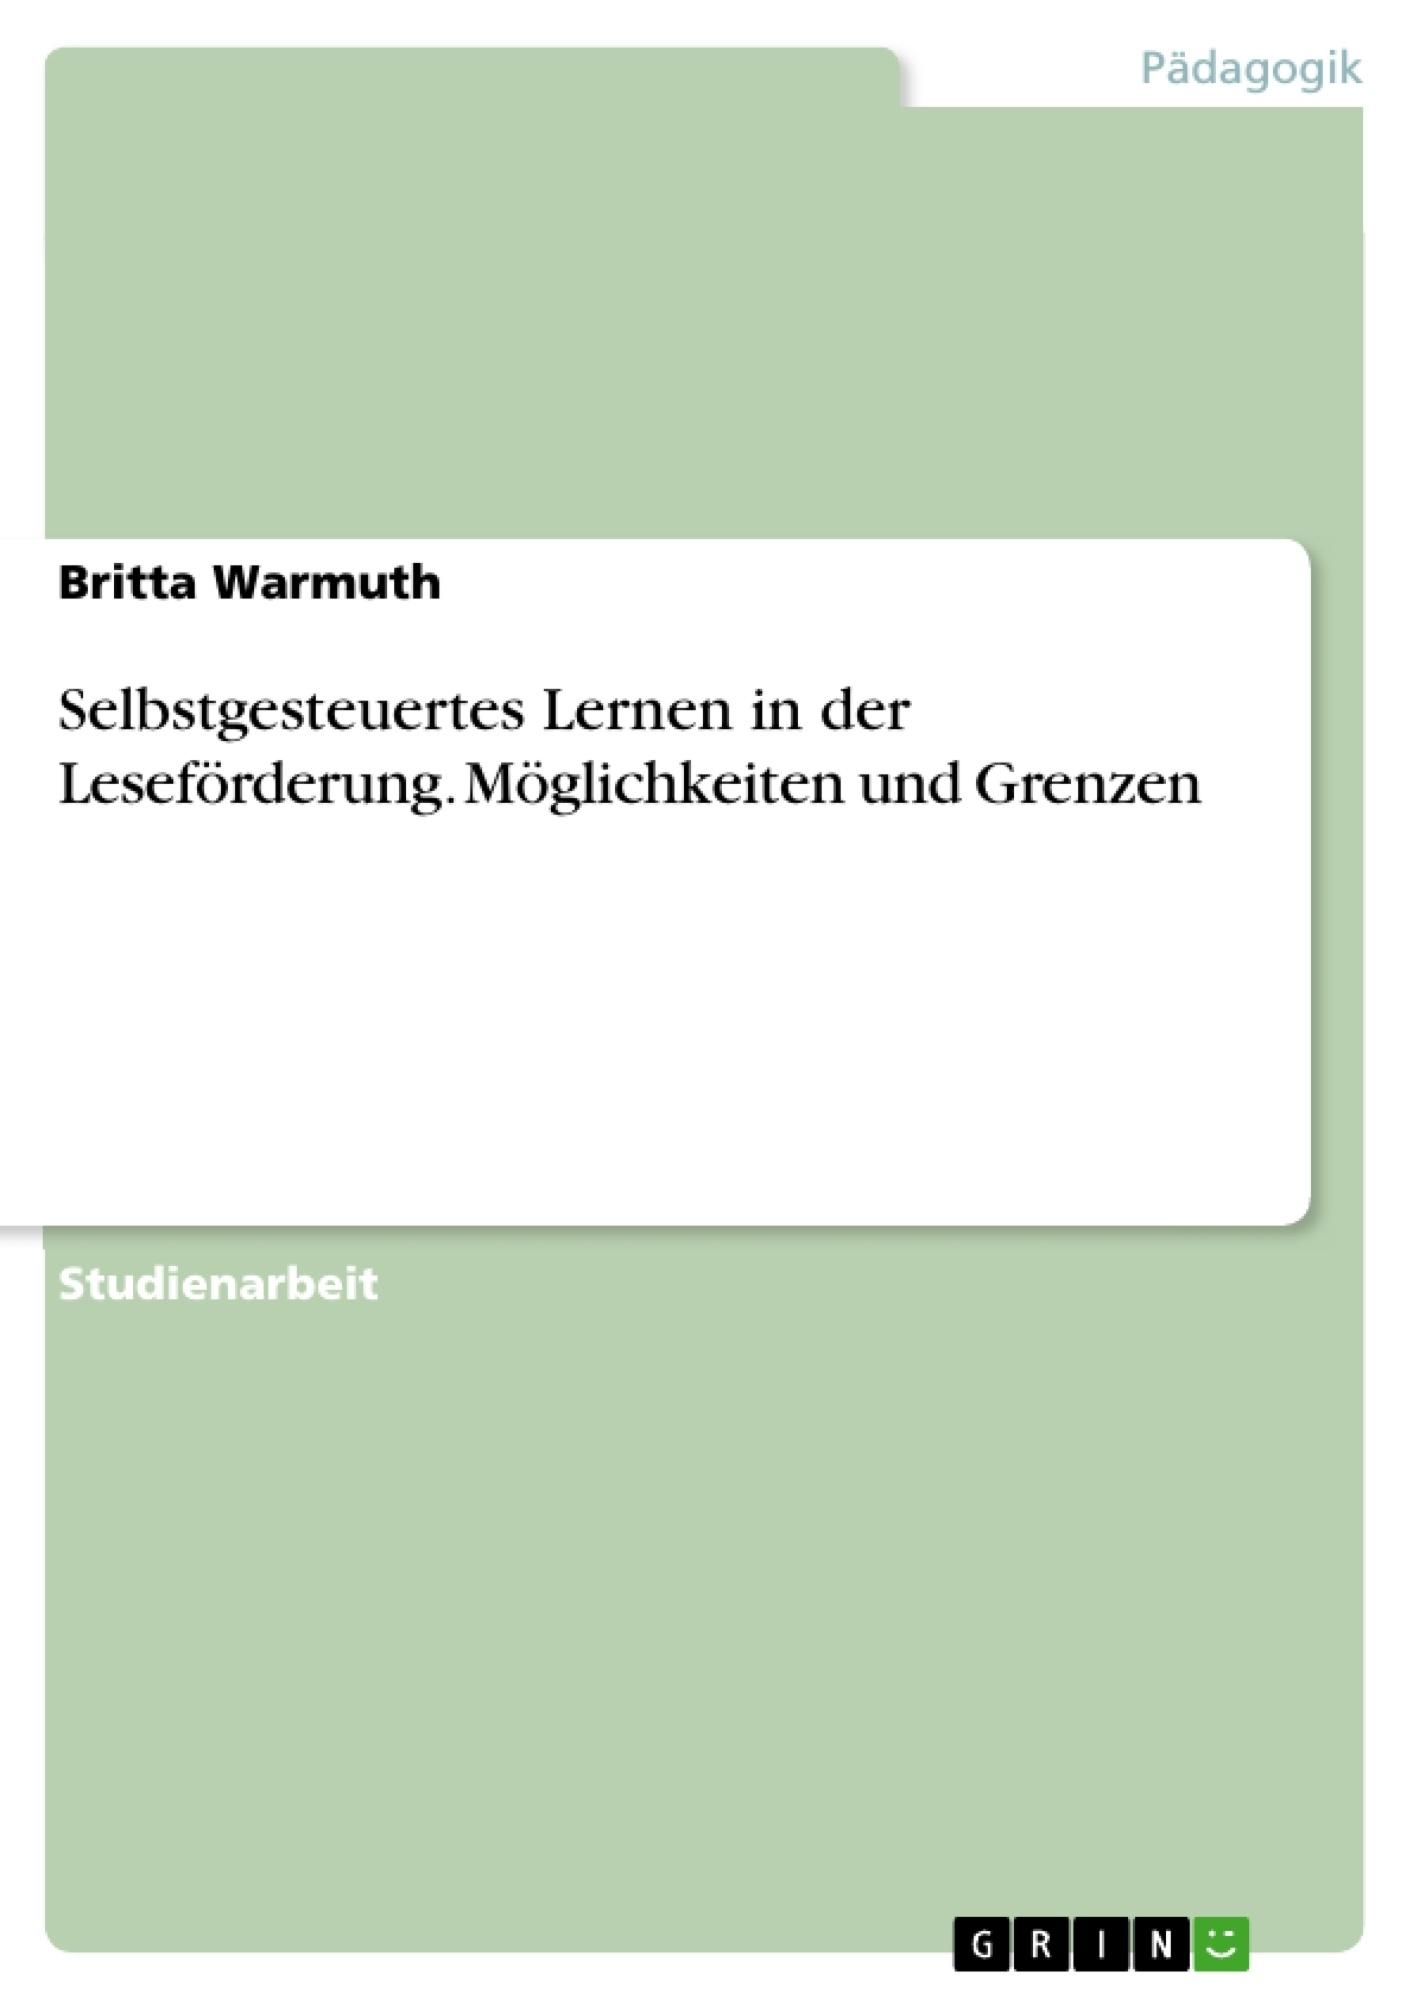 Titel: Selbstgesteuertes Lernen in der Leseförderung. Möglichkeiten und Grenzen